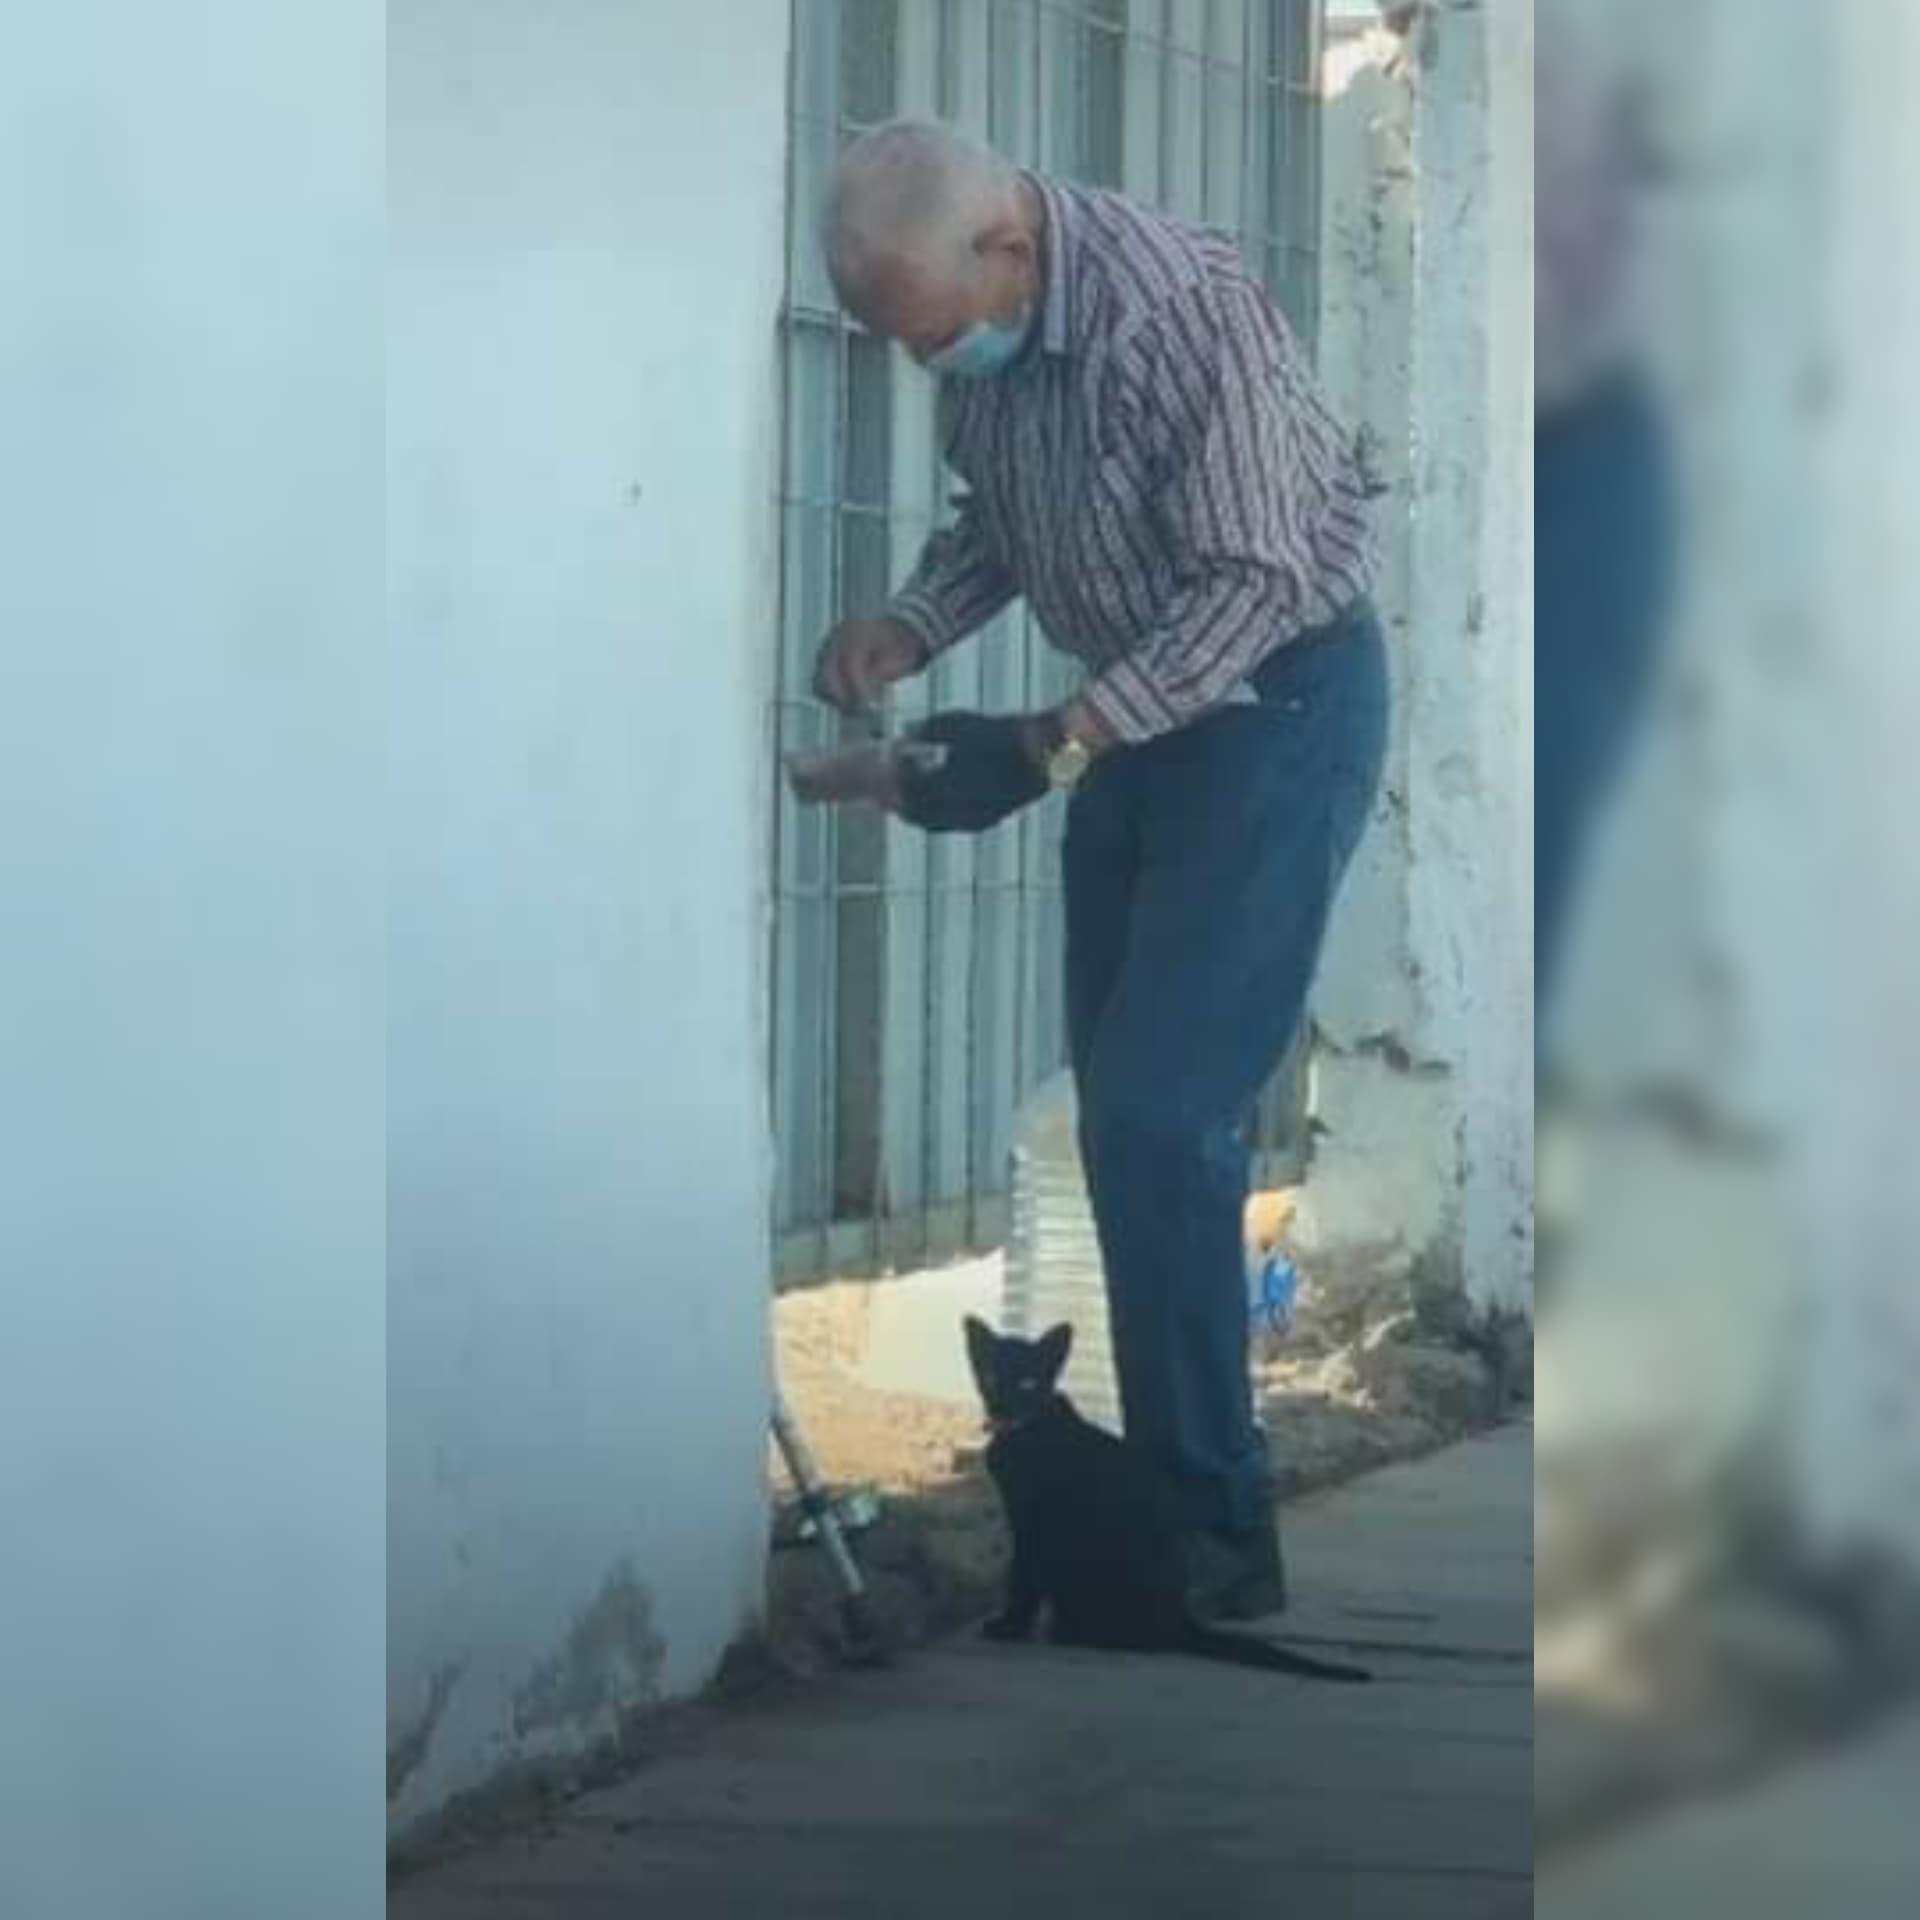 Abuelito lleva comida a una gatita que se encuentra en una casa abandonada